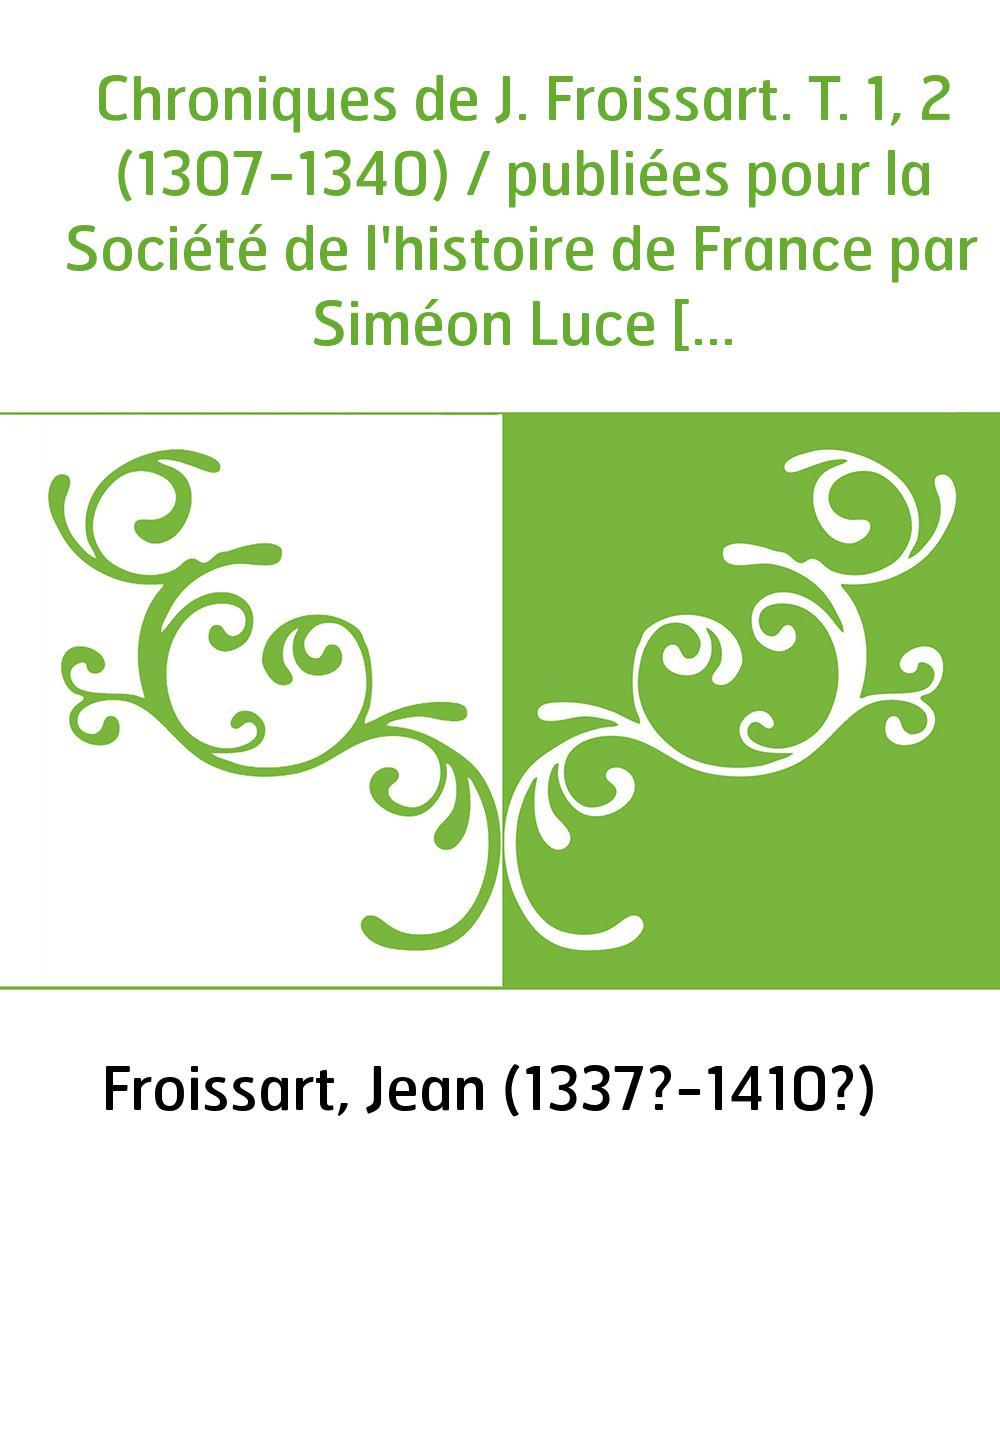 Chroniques de J. Froissart. T. 1, 2 (1307-1340) / publiées pour la Société de l'histoire de France par Siméon Luce [puis d'autre